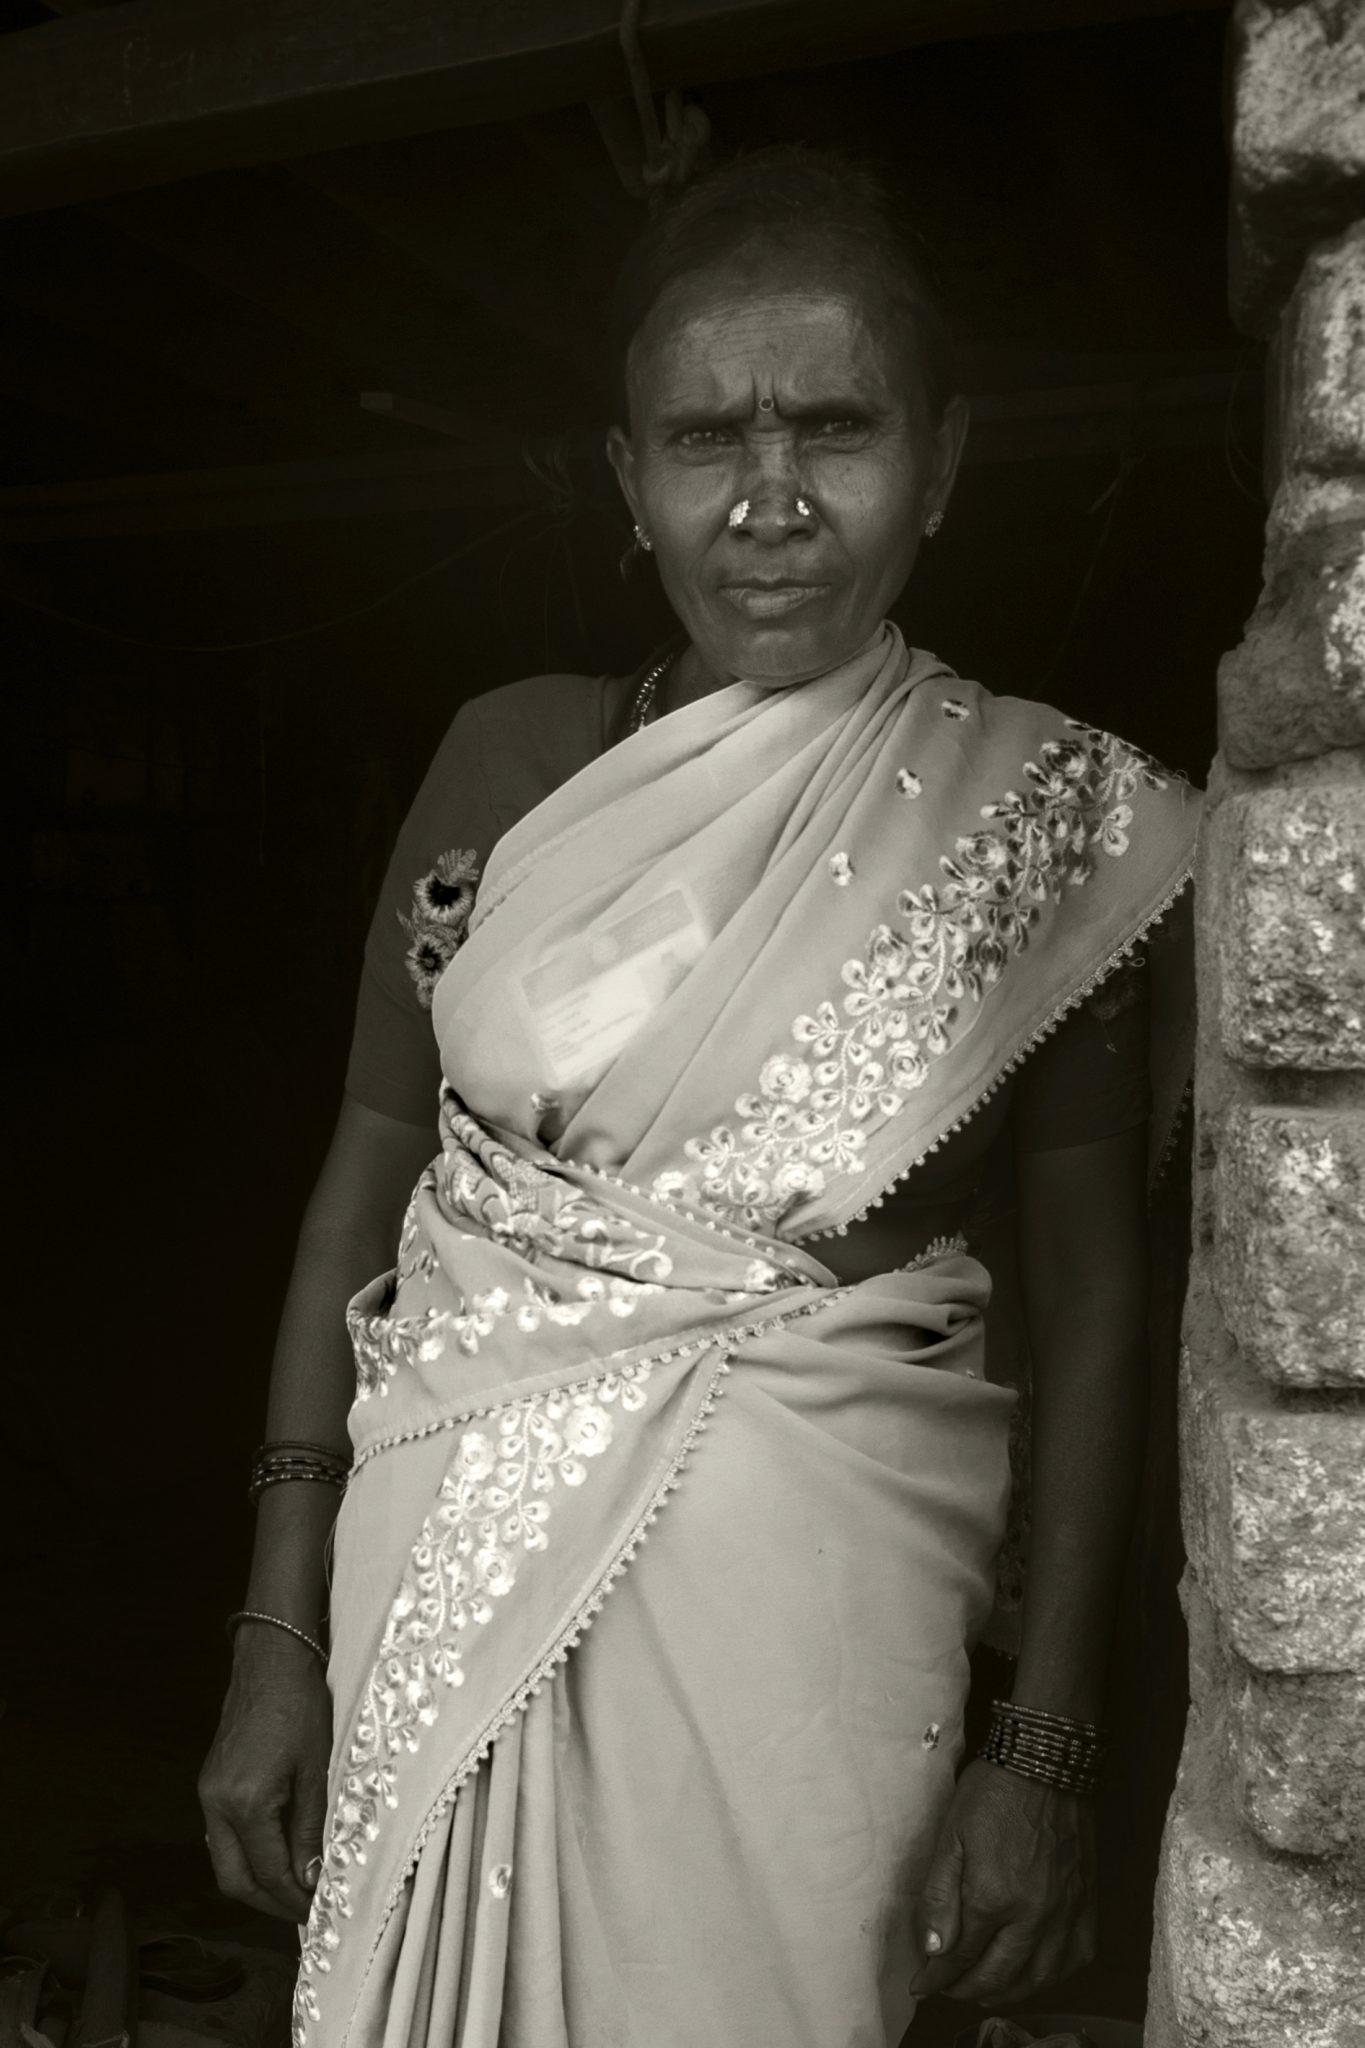 lake_putenahalli_nooroda_PhotoBy_Arati Kumar-Rao